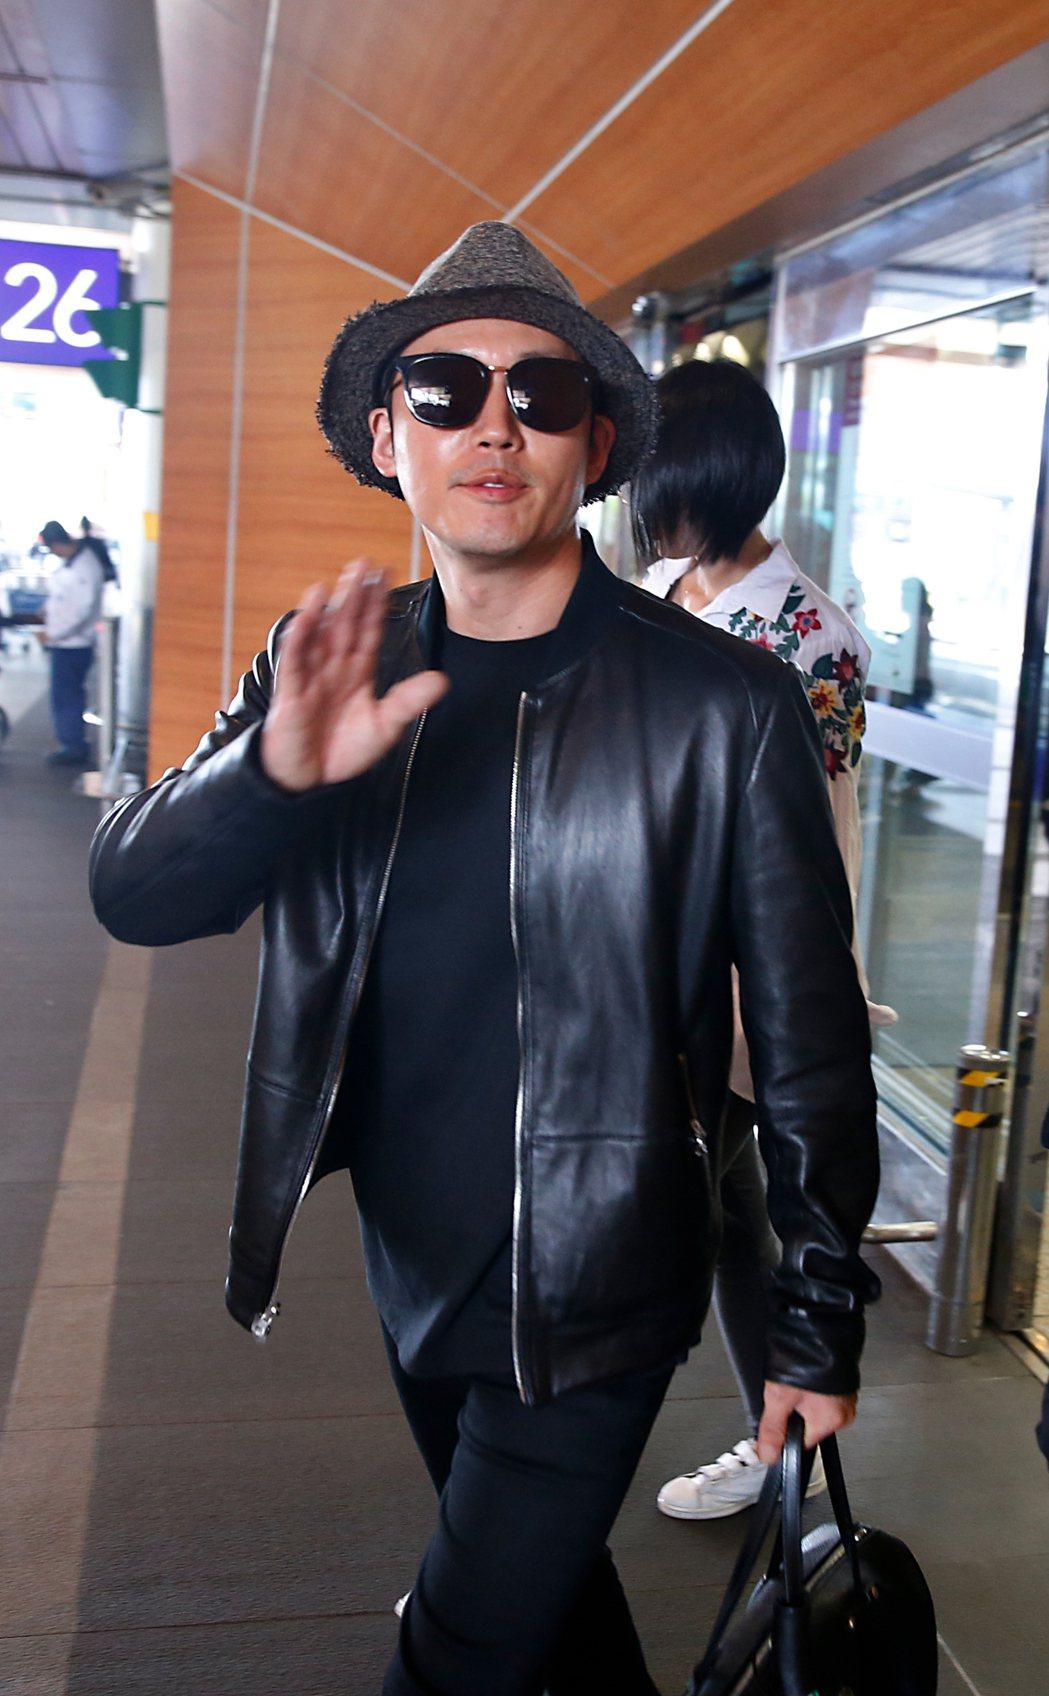 韓星張赫中午搭乘OZ-711班機抵達桃園機場,雖然班機延誤,張赫穿著黑色皮衣,戴...